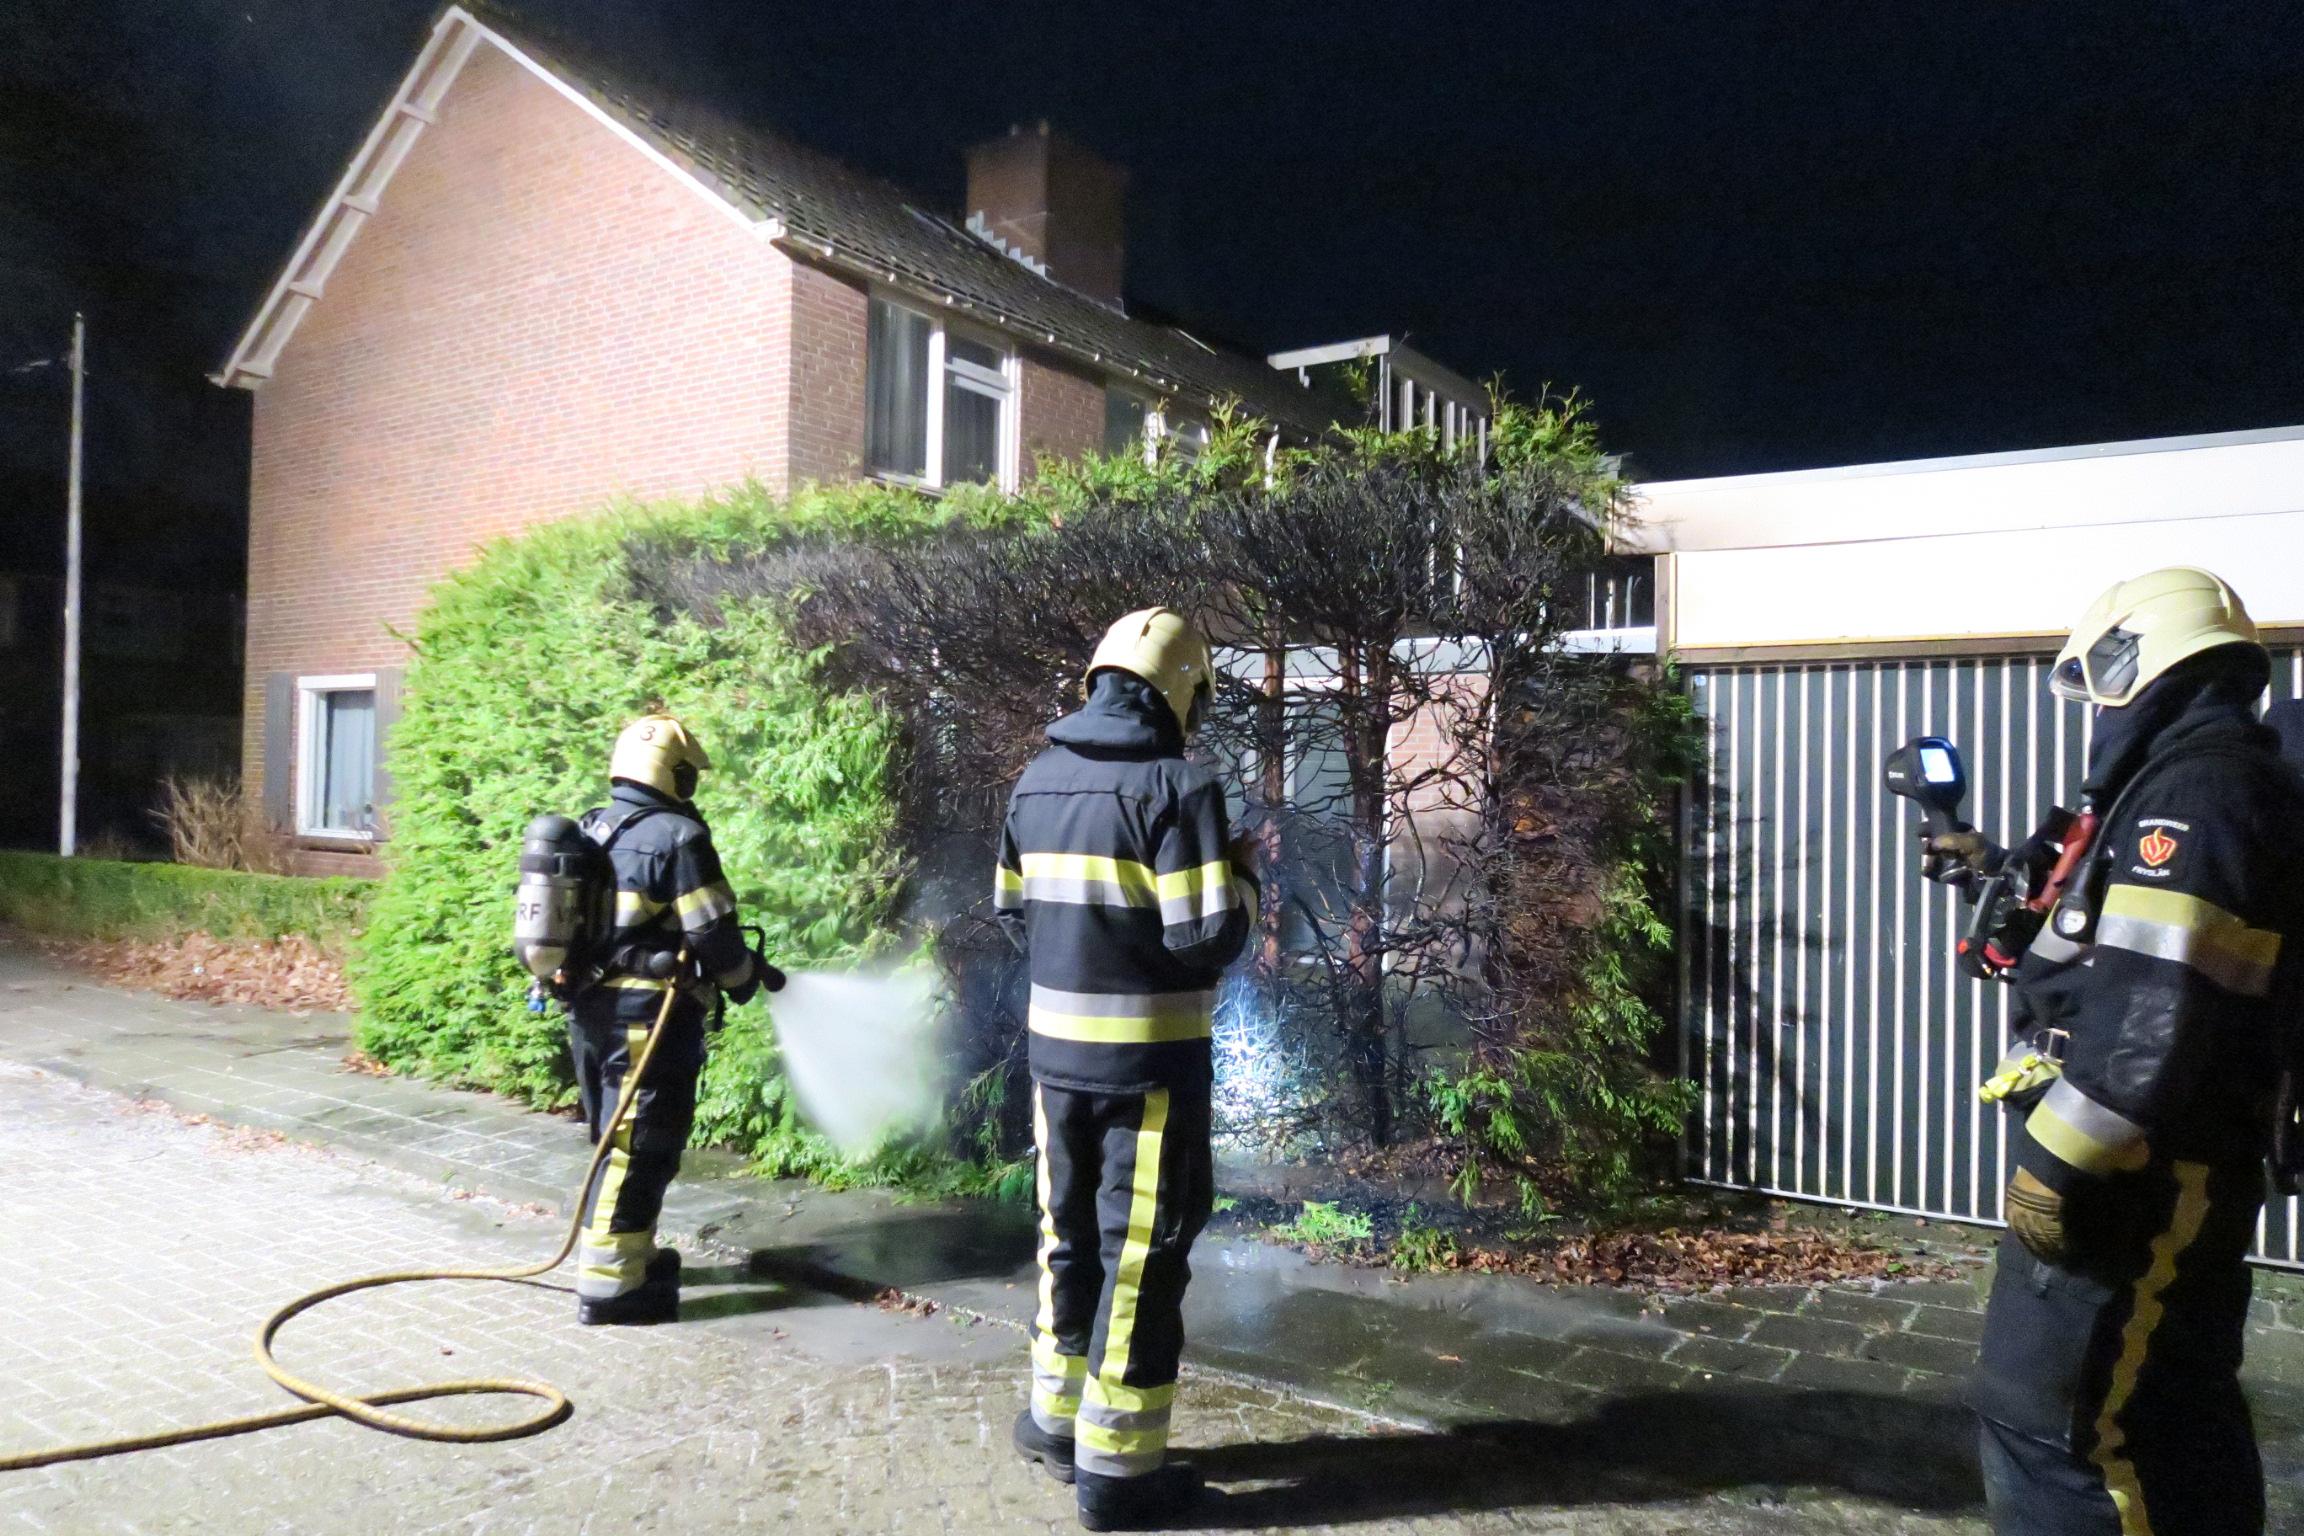 Tweede coniferenhaag brand in korte tijd in Drachten